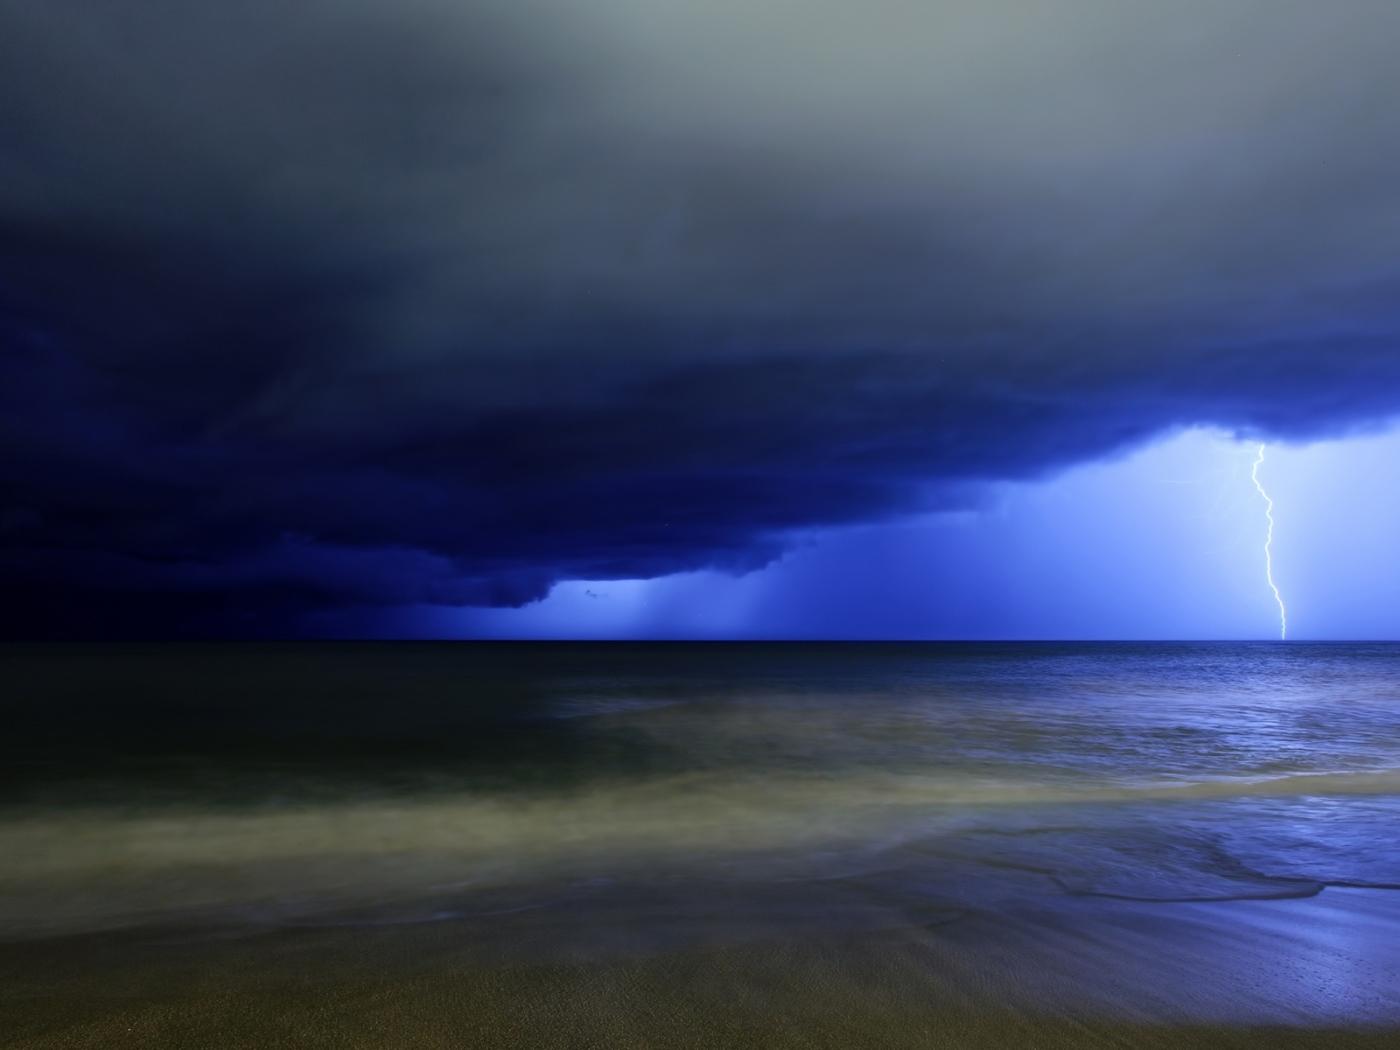 Скачать картинку Пейзаж, Море, Молнии в телефон бесплатно.